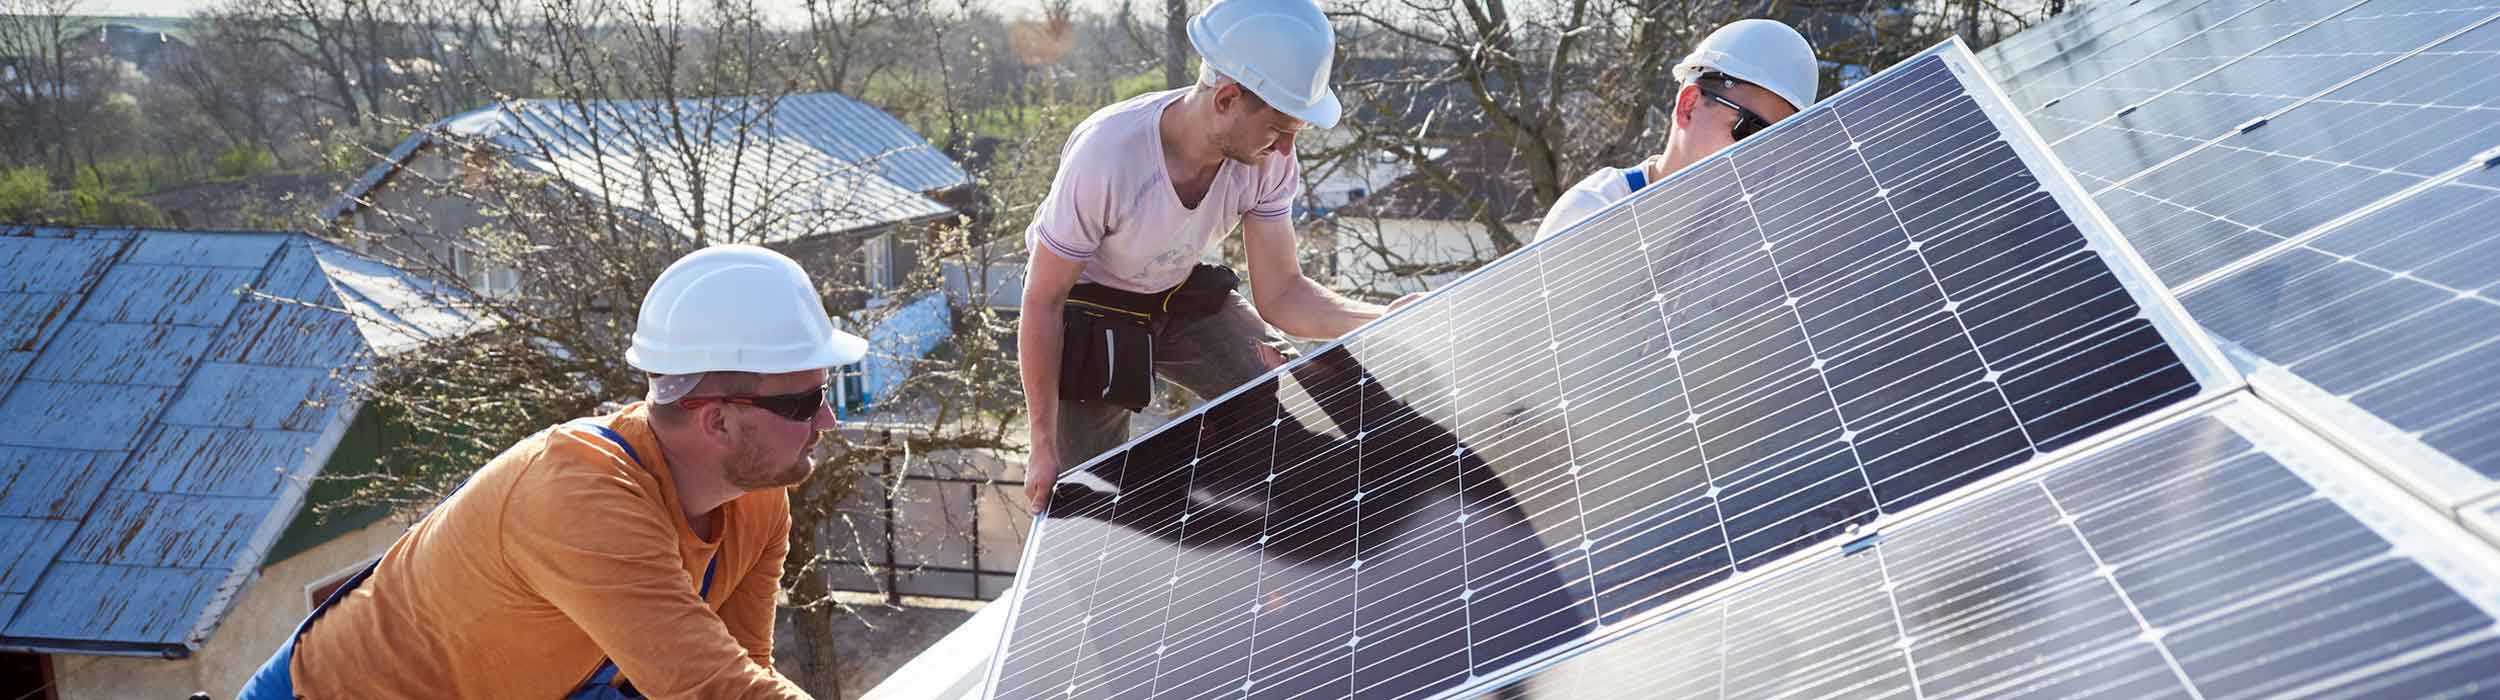 Installation panneaux photovoltaïques Valence Drôme